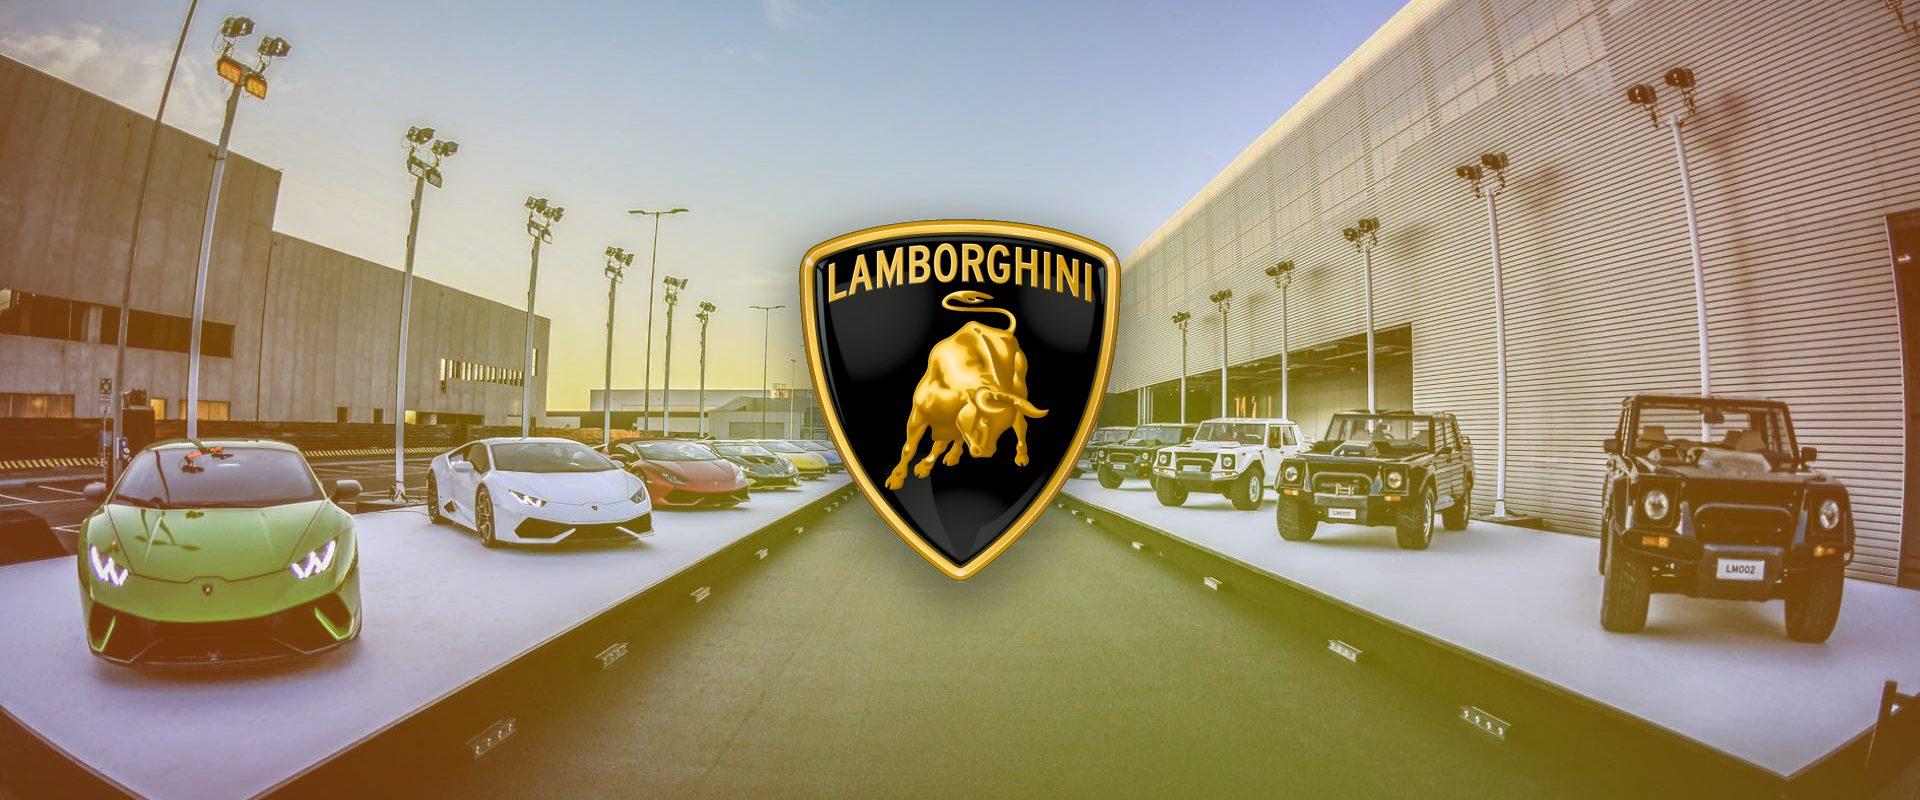 7 curiosidades incríveis sobre a Lamborghini